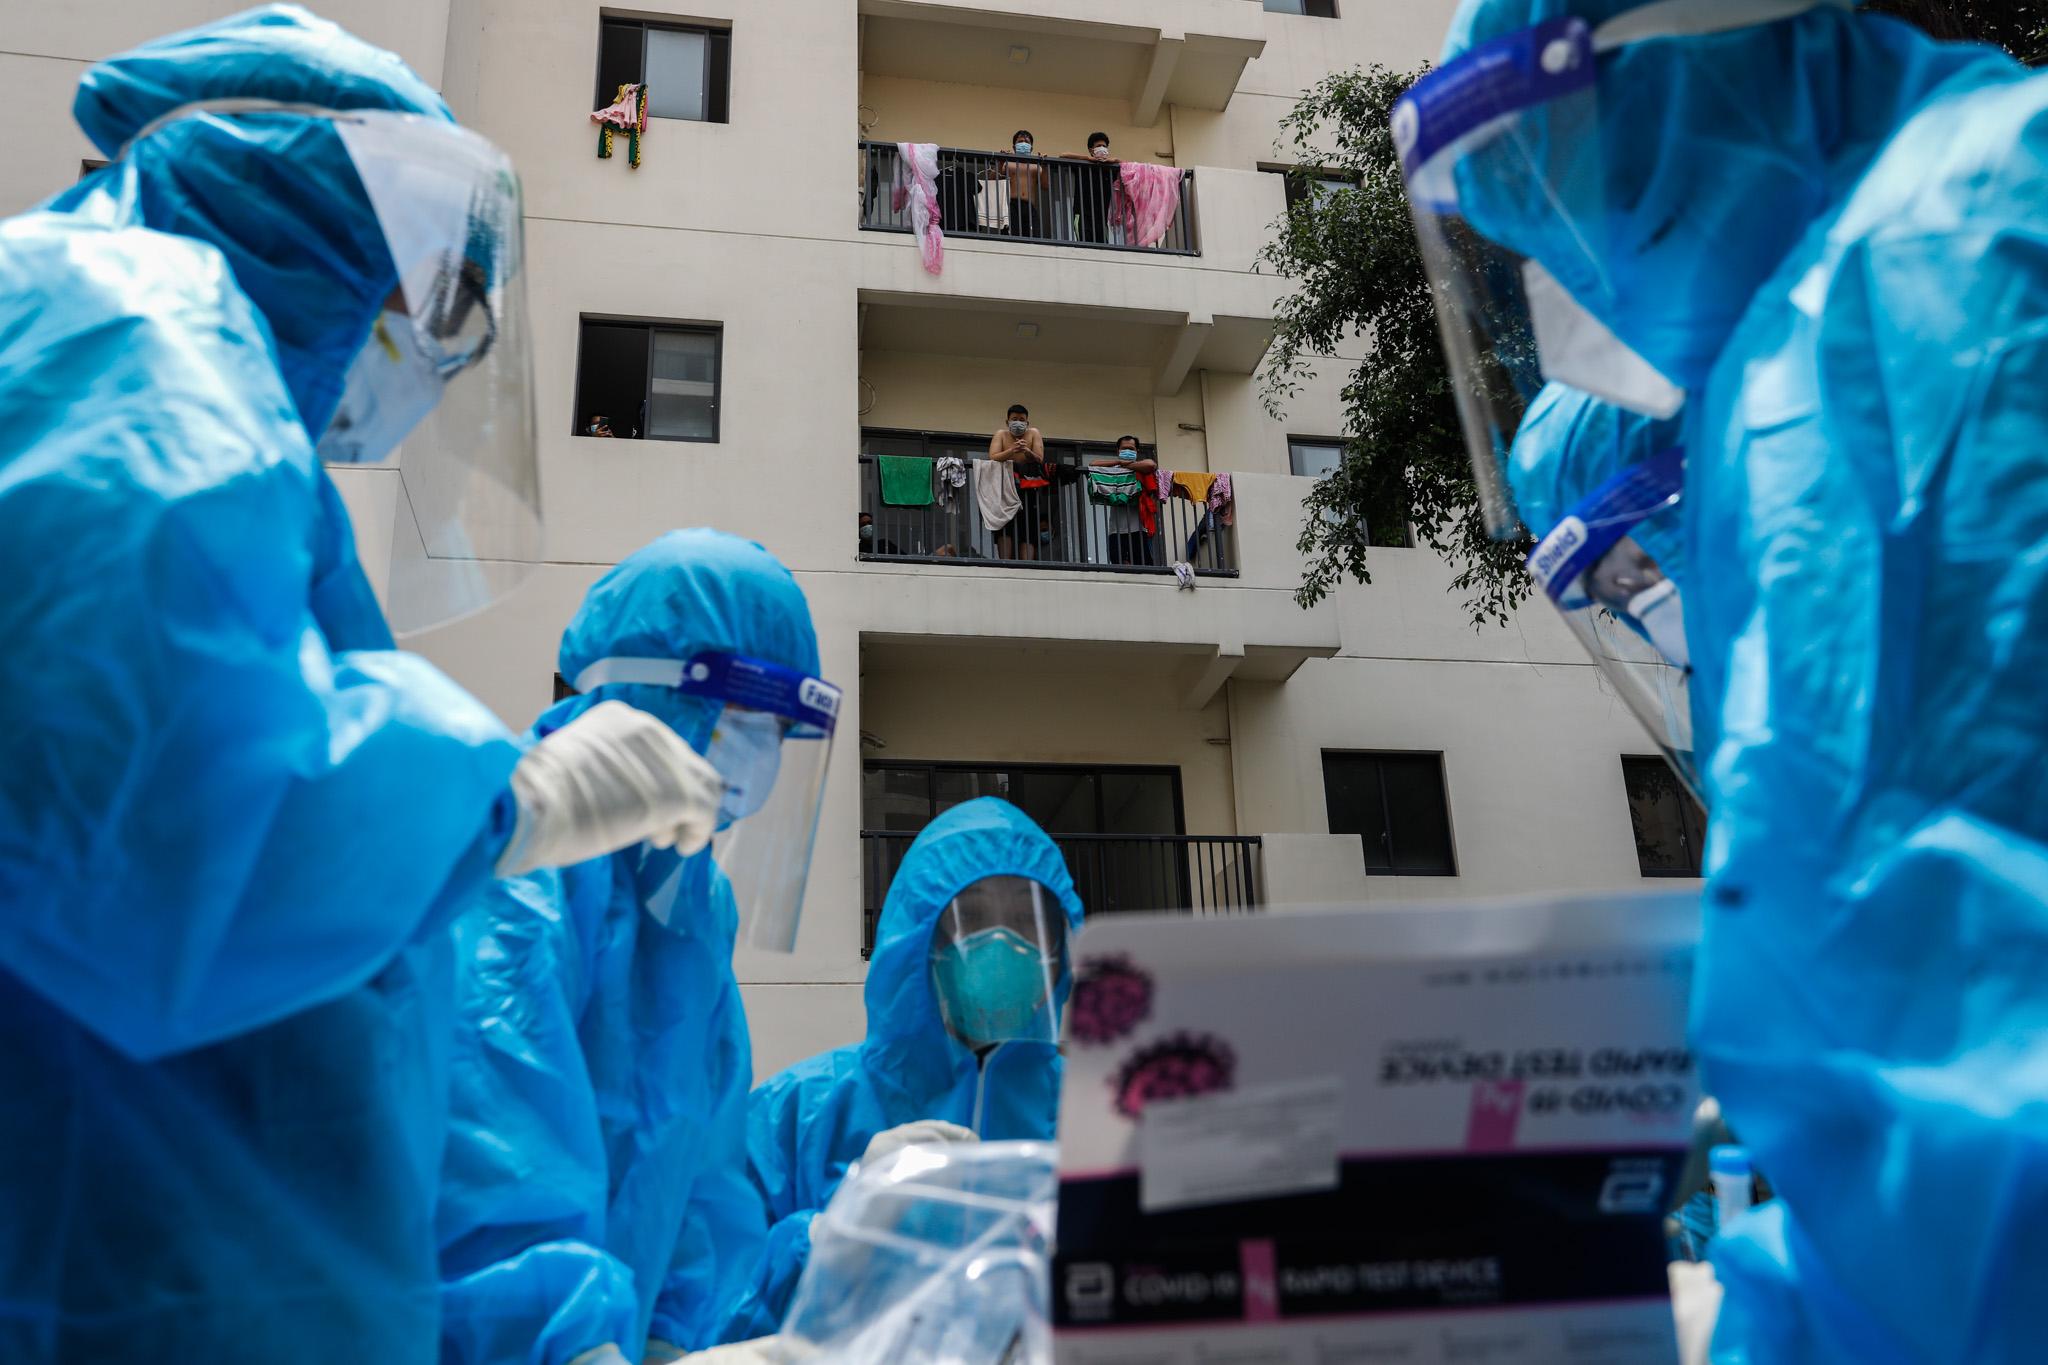 Y bác sĩ tại một bệnh viện dã chiến ở TP HCM. Ảnh: Hữu Khoa.